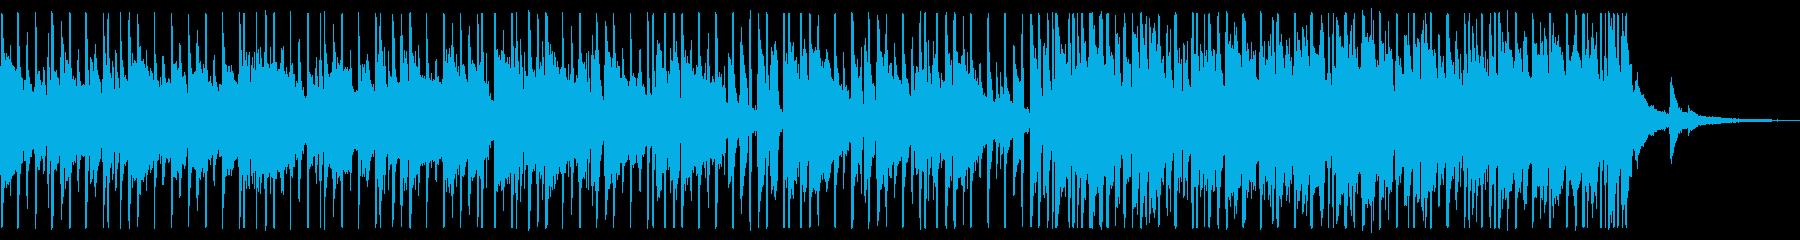 煌びやか/夜景/ディスコ_No694_2の再生済みの波形